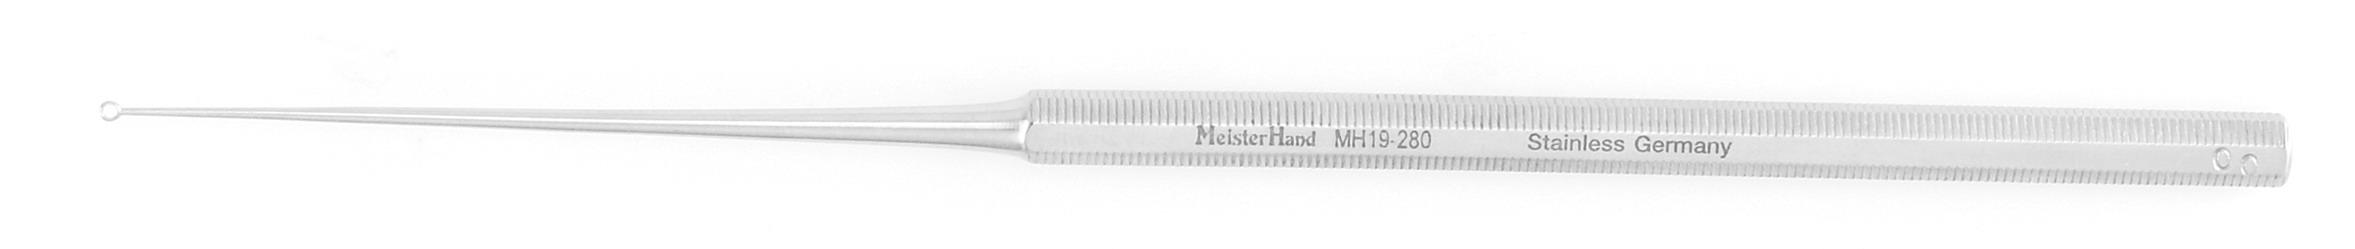 buck-ear-curette-6-1-2-165-cm-straight-blunt-size-00-mh19-280-miltex.jpg